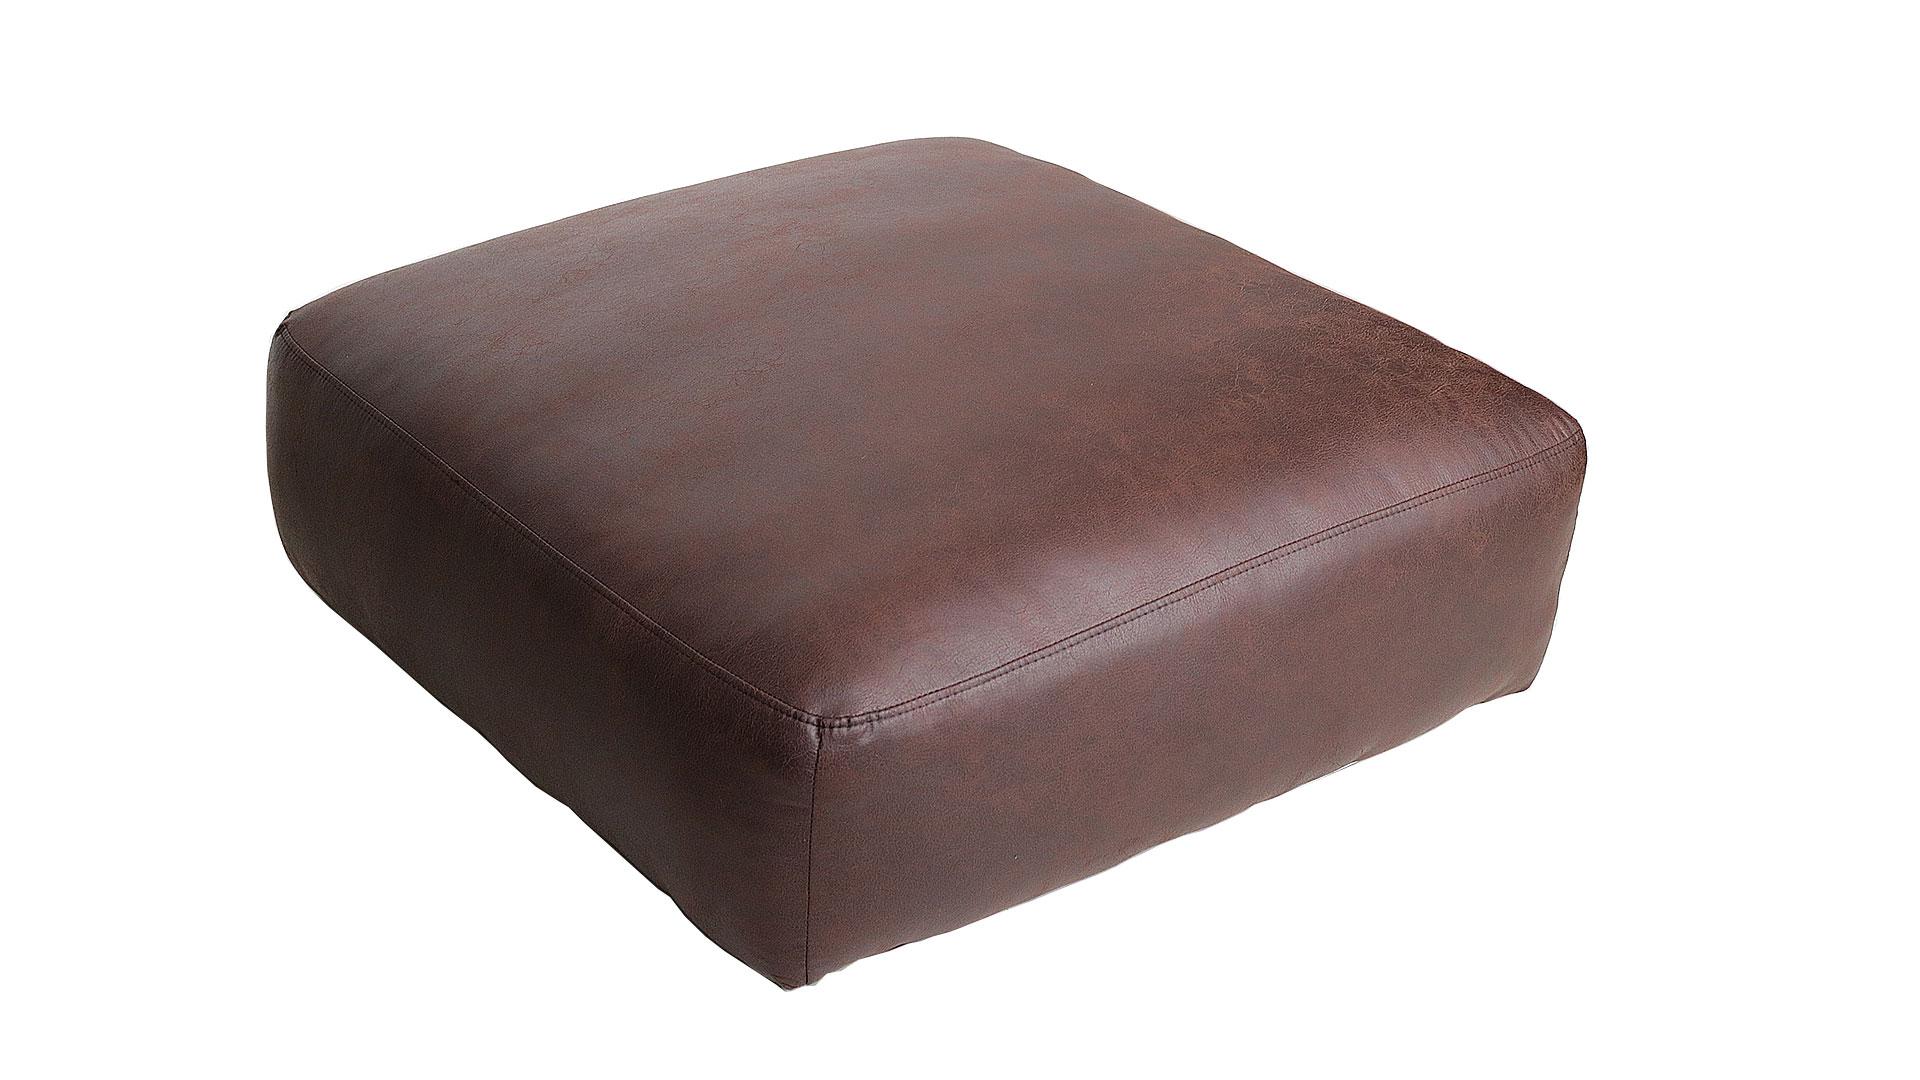 内田工芸のソファのブライトンのスツールの画像